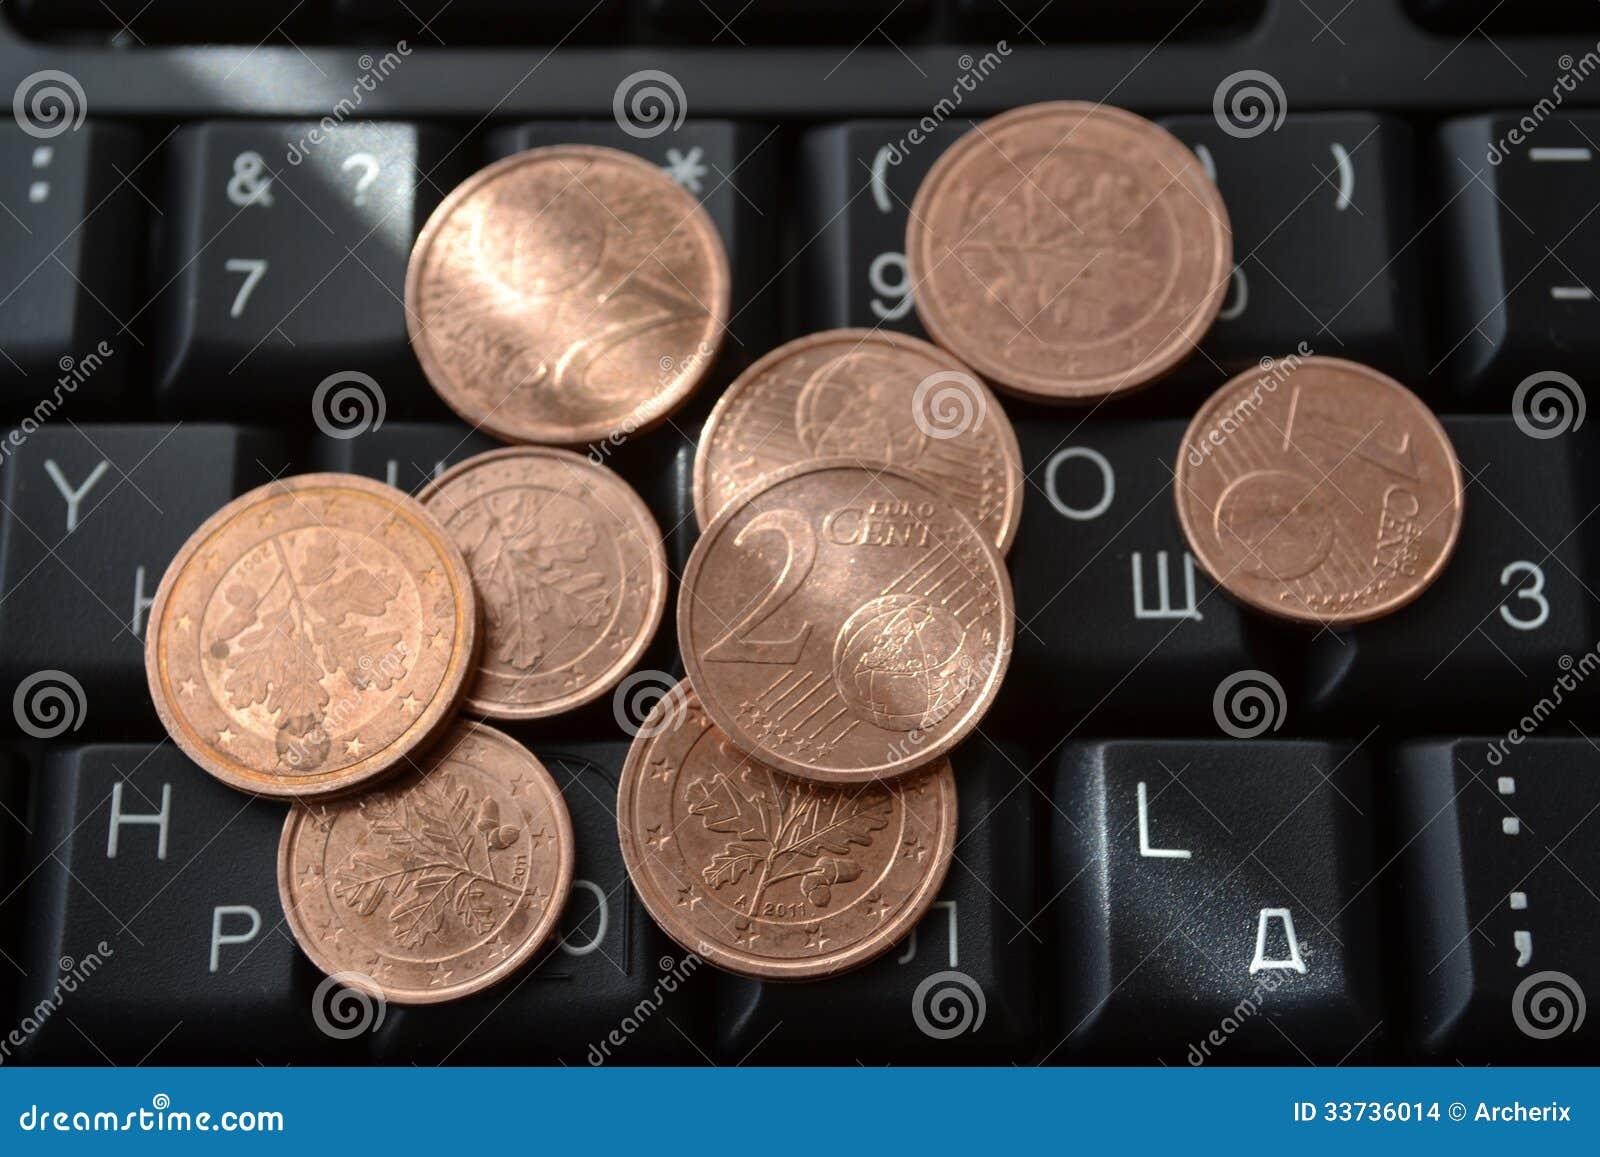 Monedas en el teclado